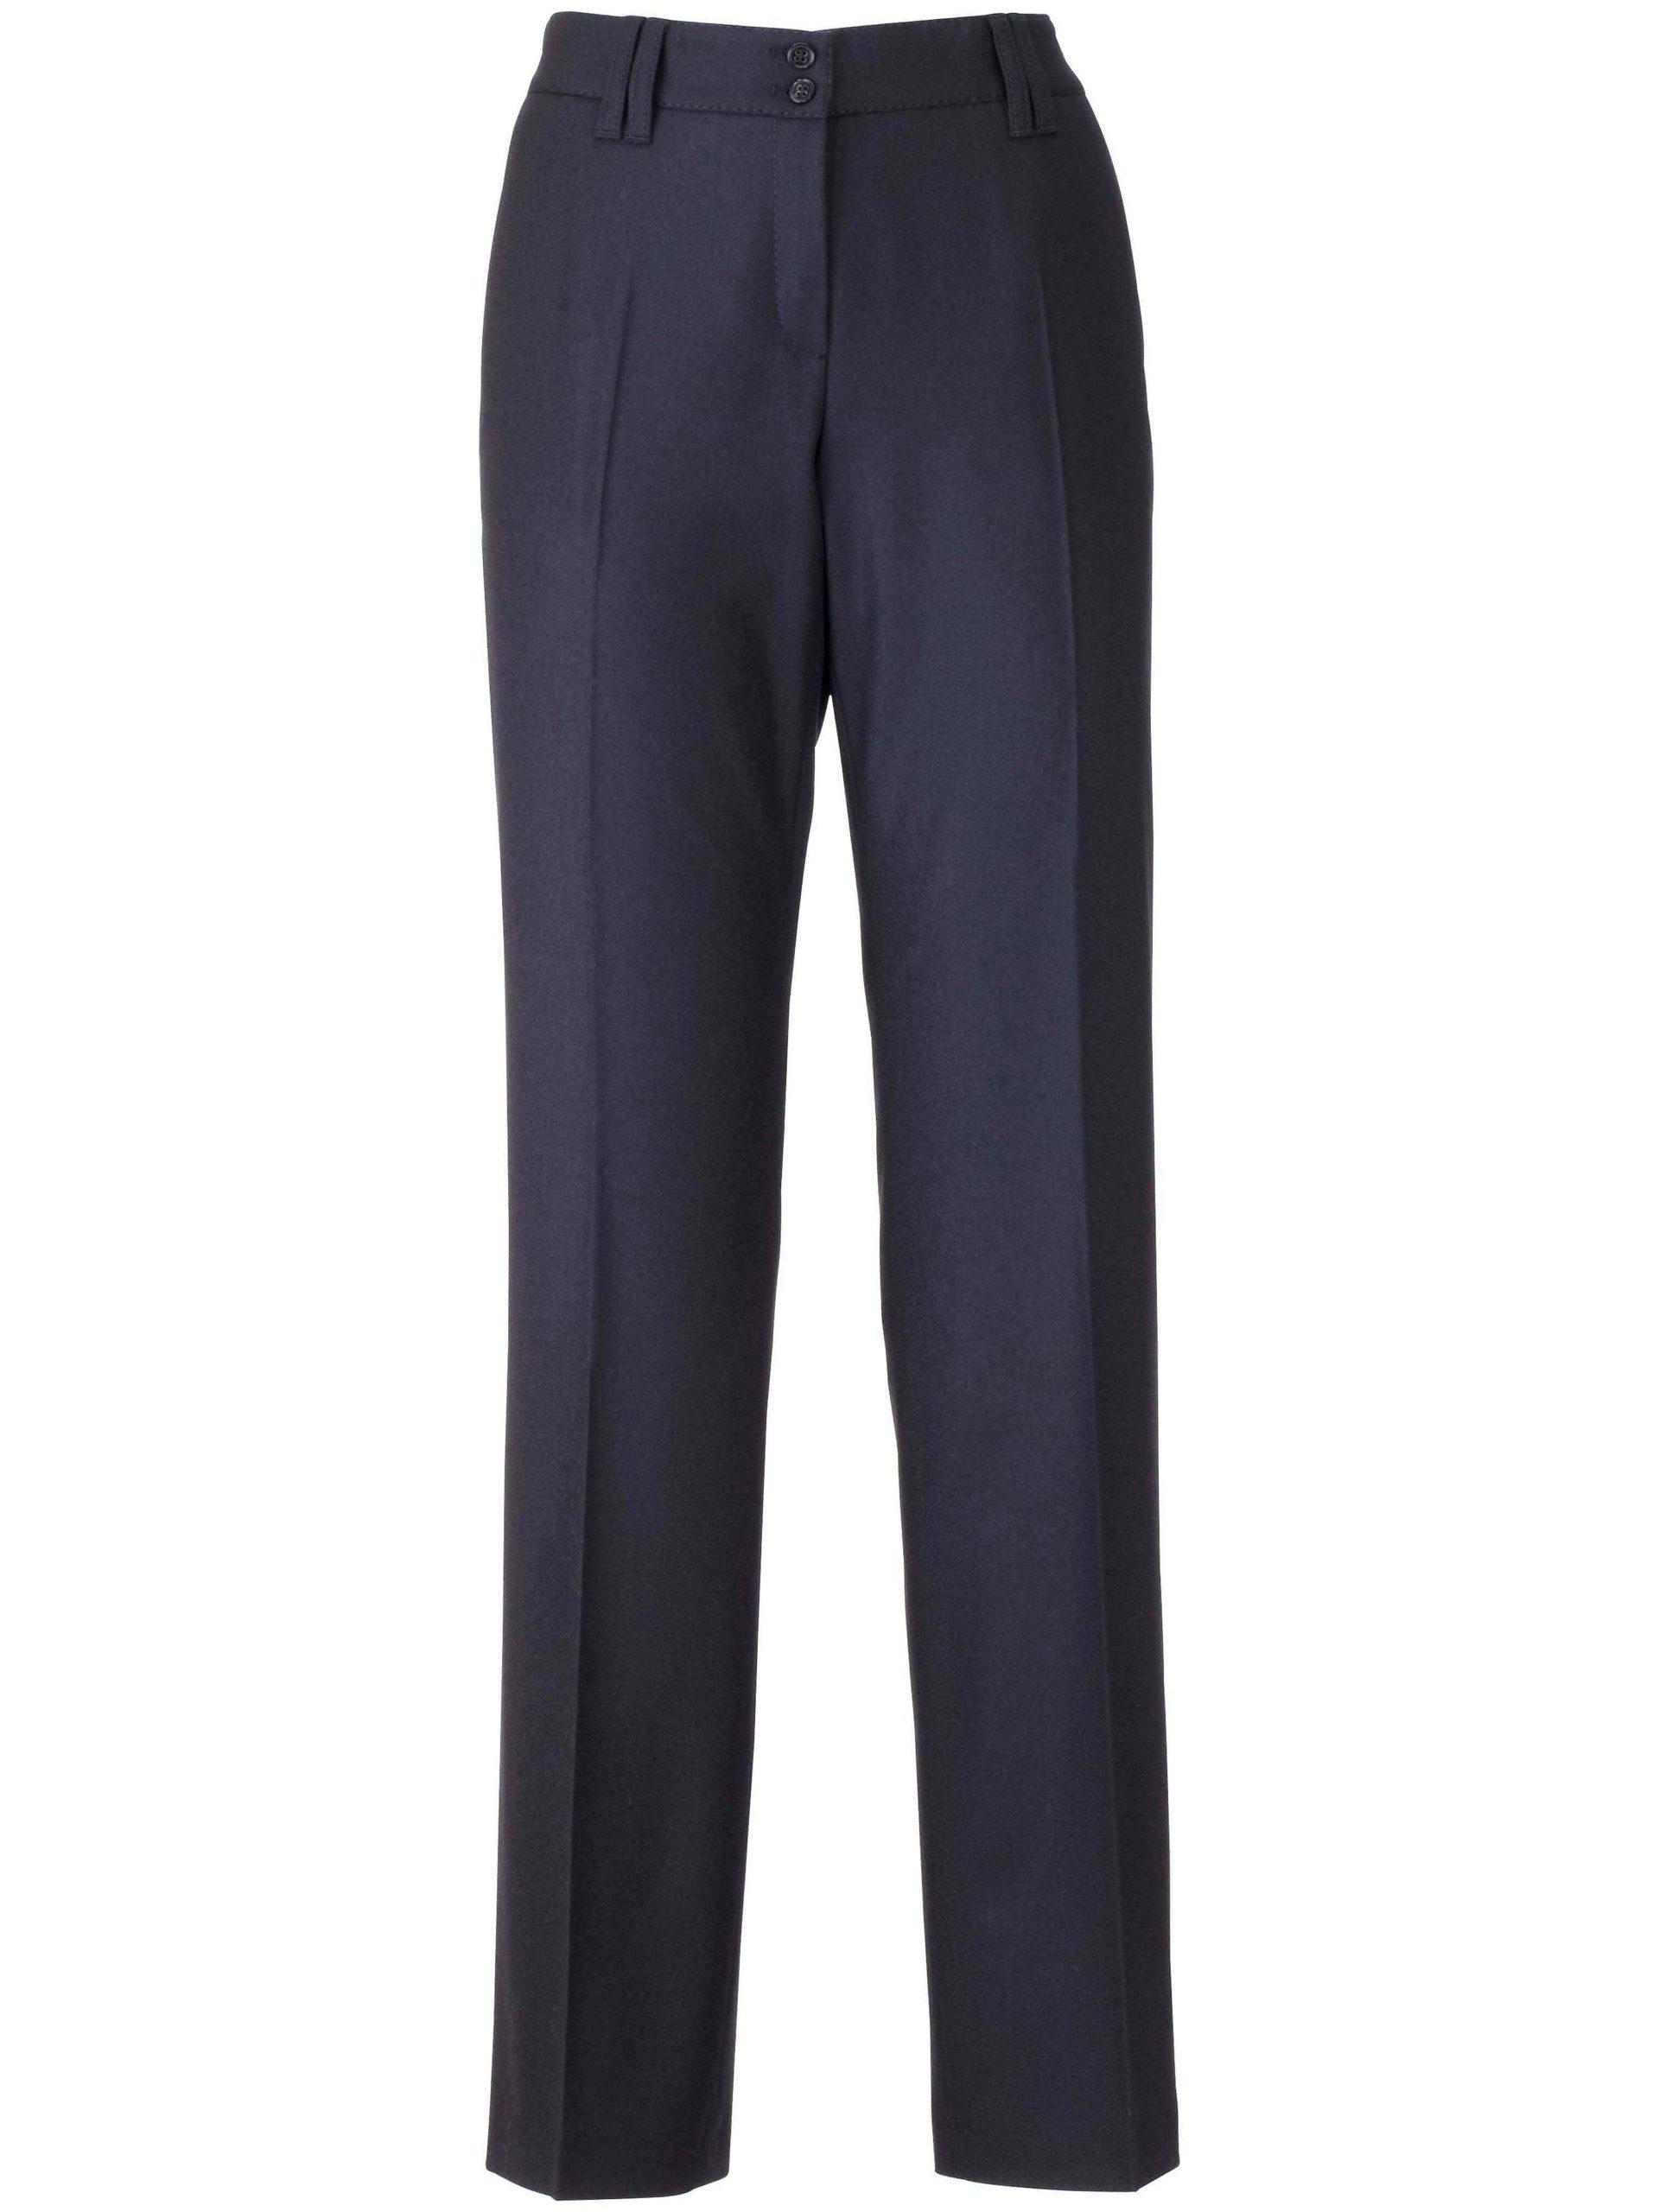 'Regular Fit'-broek Van Brax Feel Good blauw Kopen